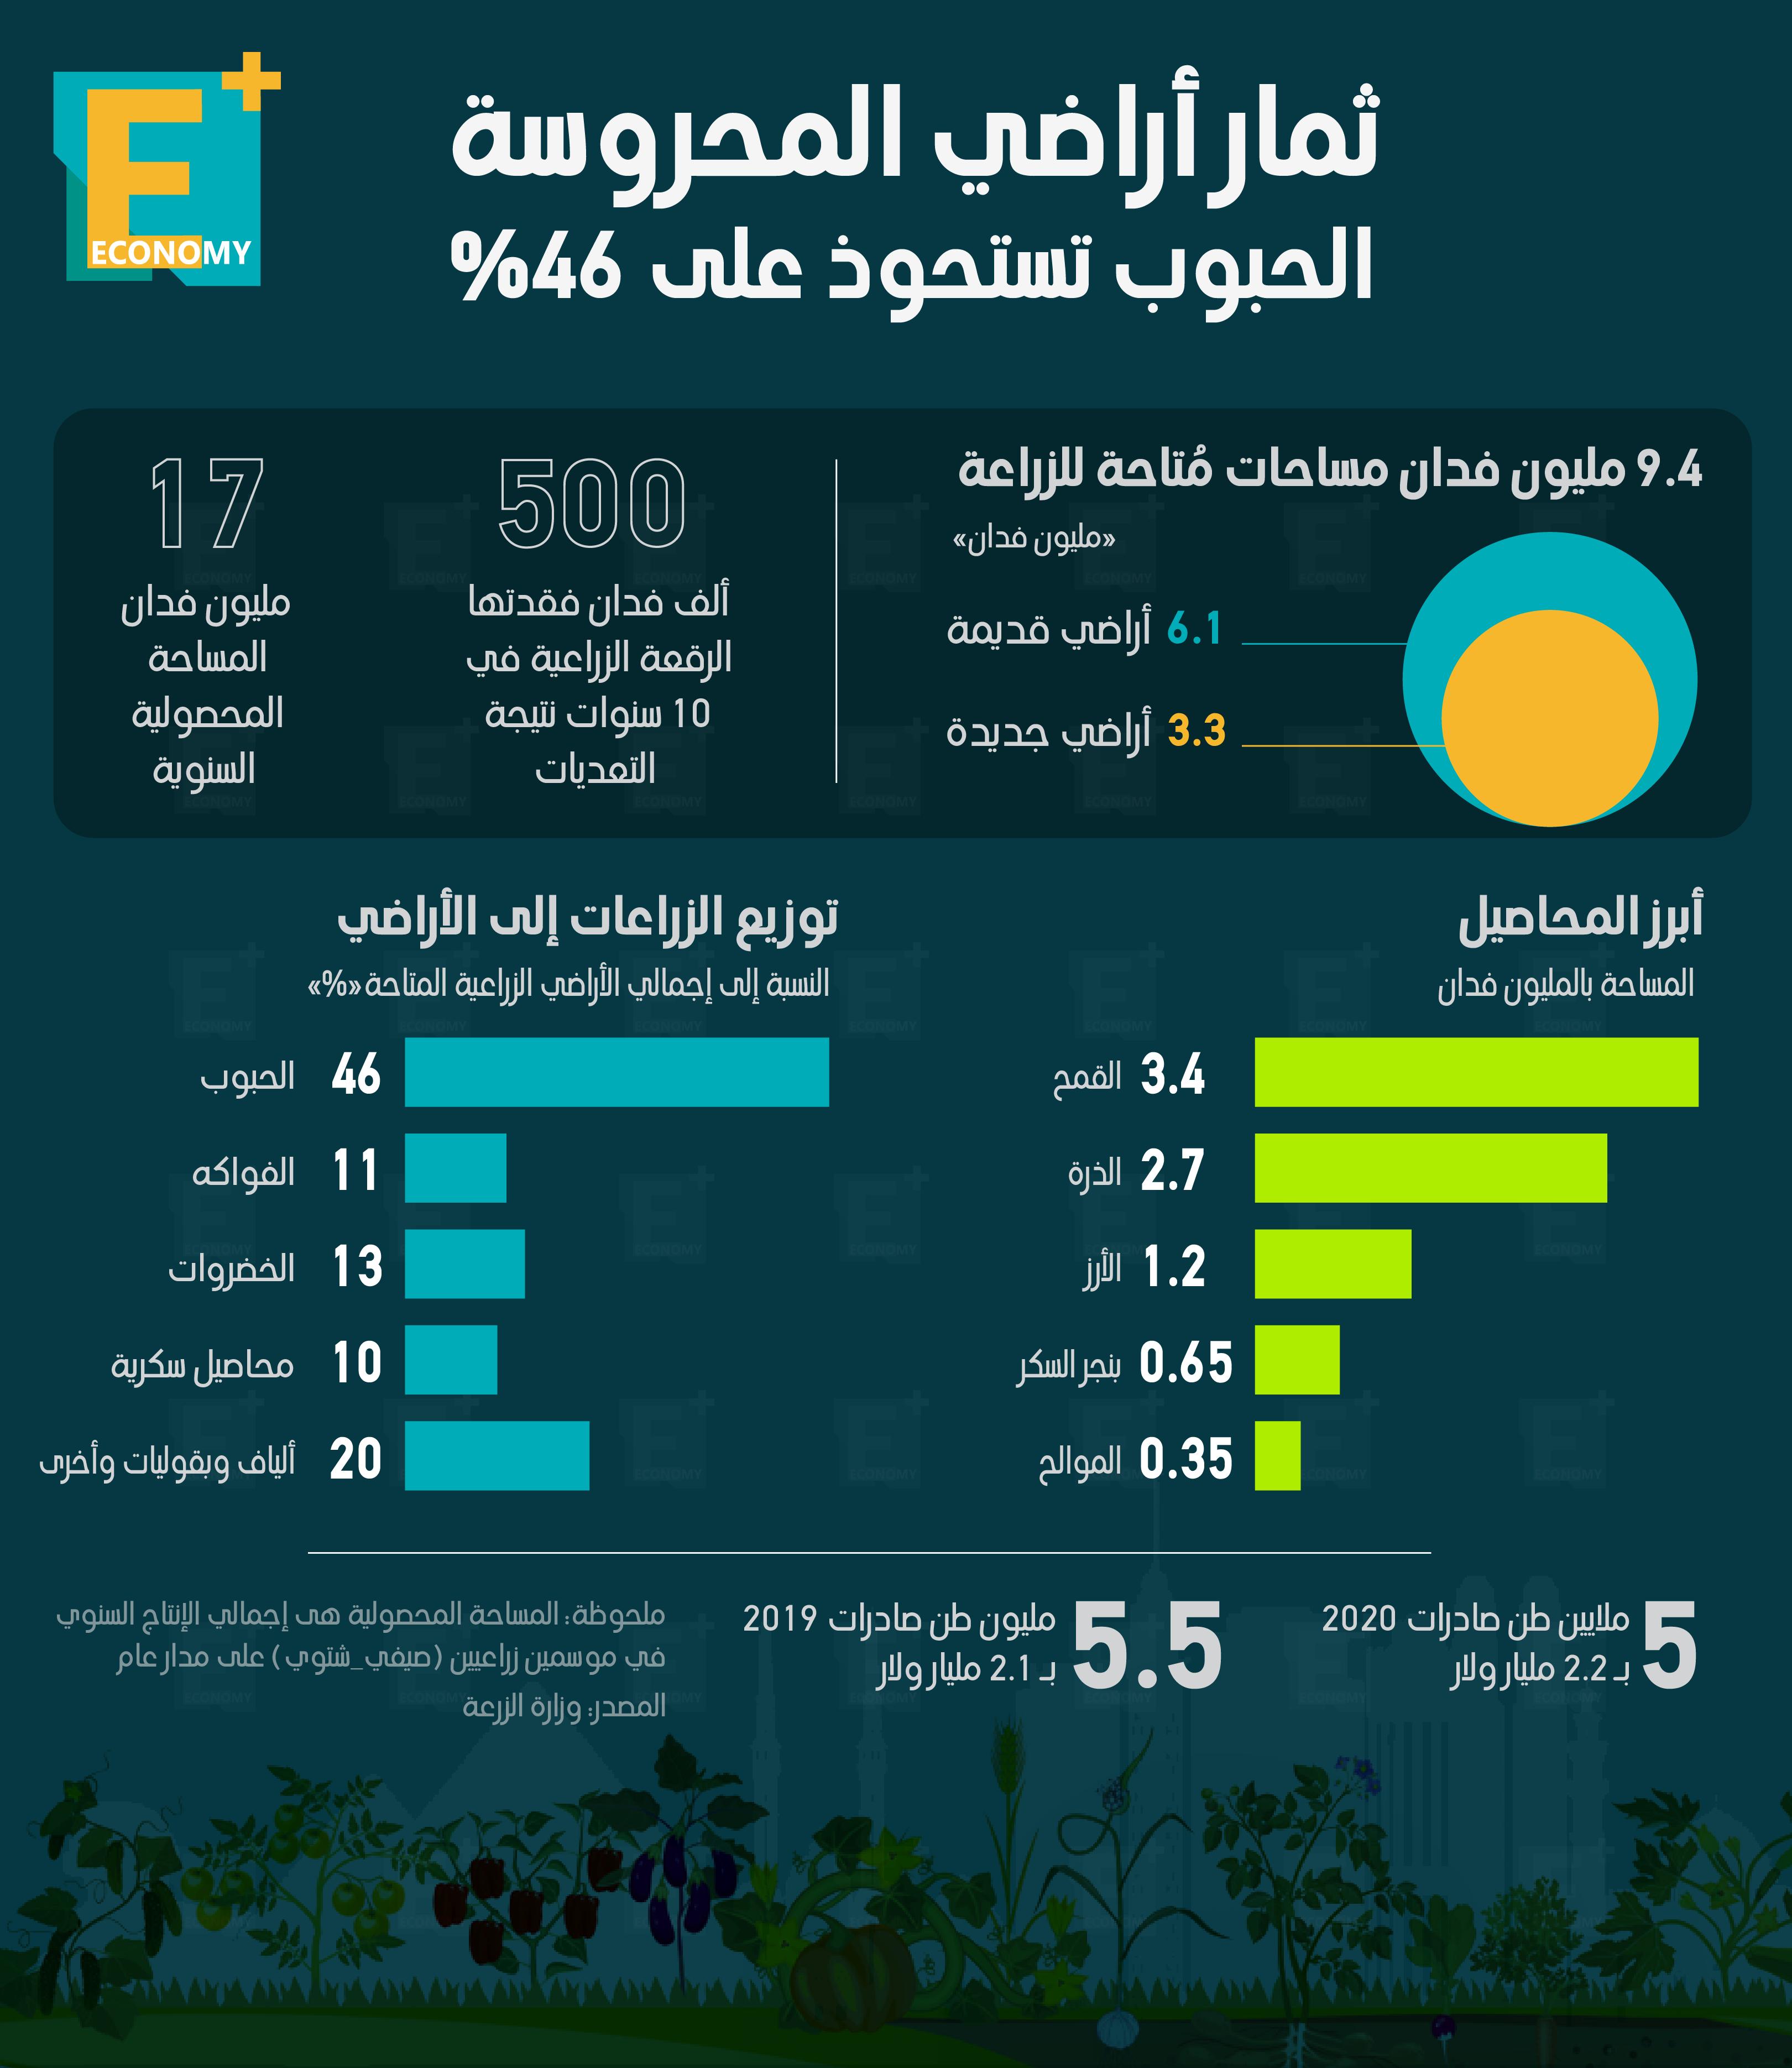 ثمار أراضي المحروسة.. الحبوب تستحوذ على 46%